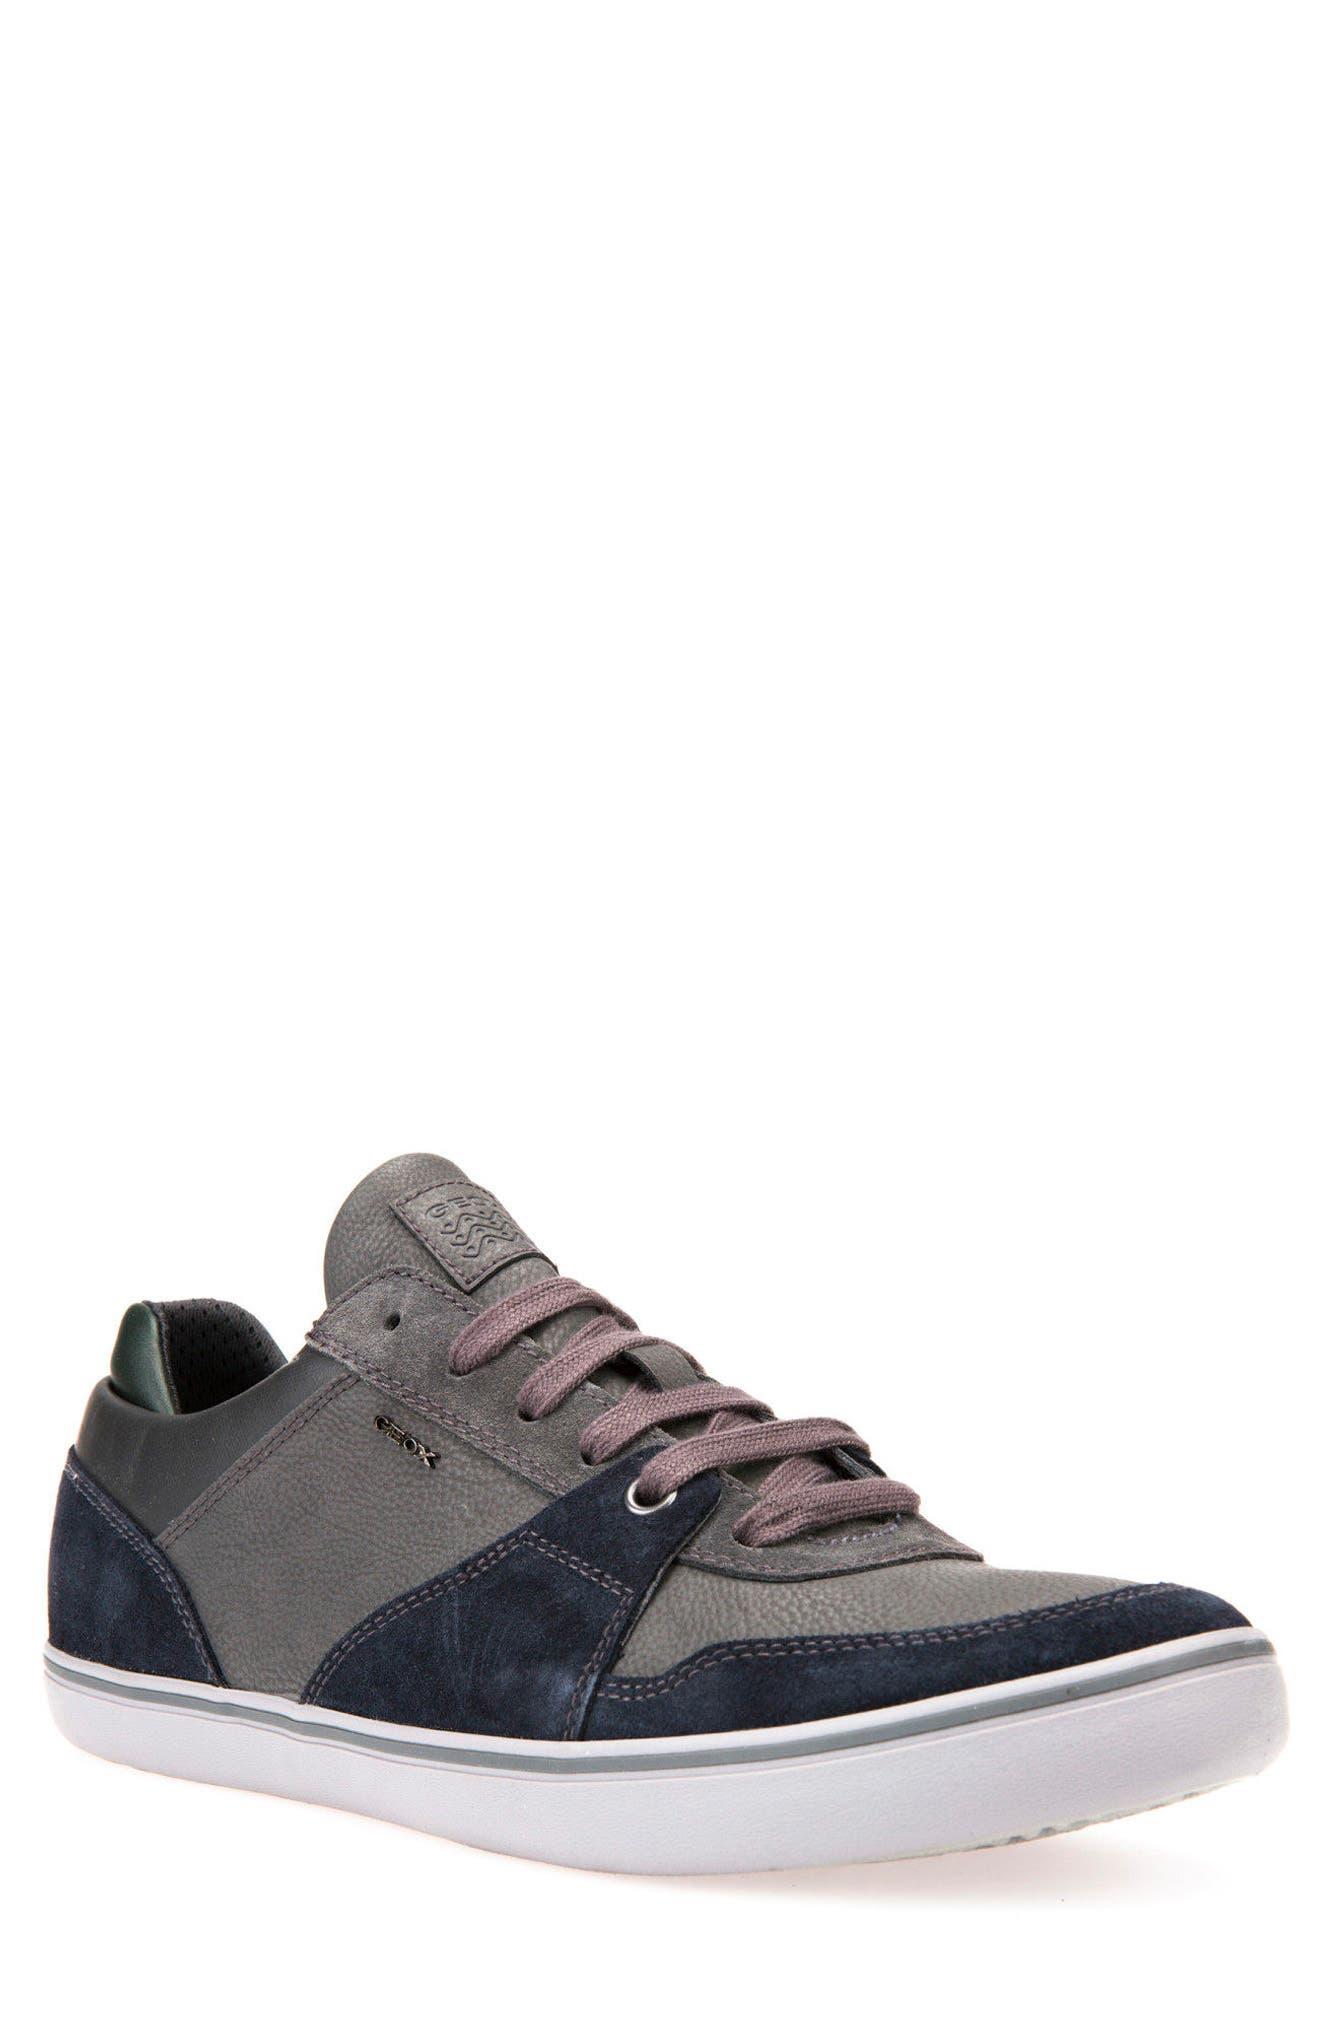 Box 26 Low Top Sneaker,                             Main thumbnail 1, color,                             461